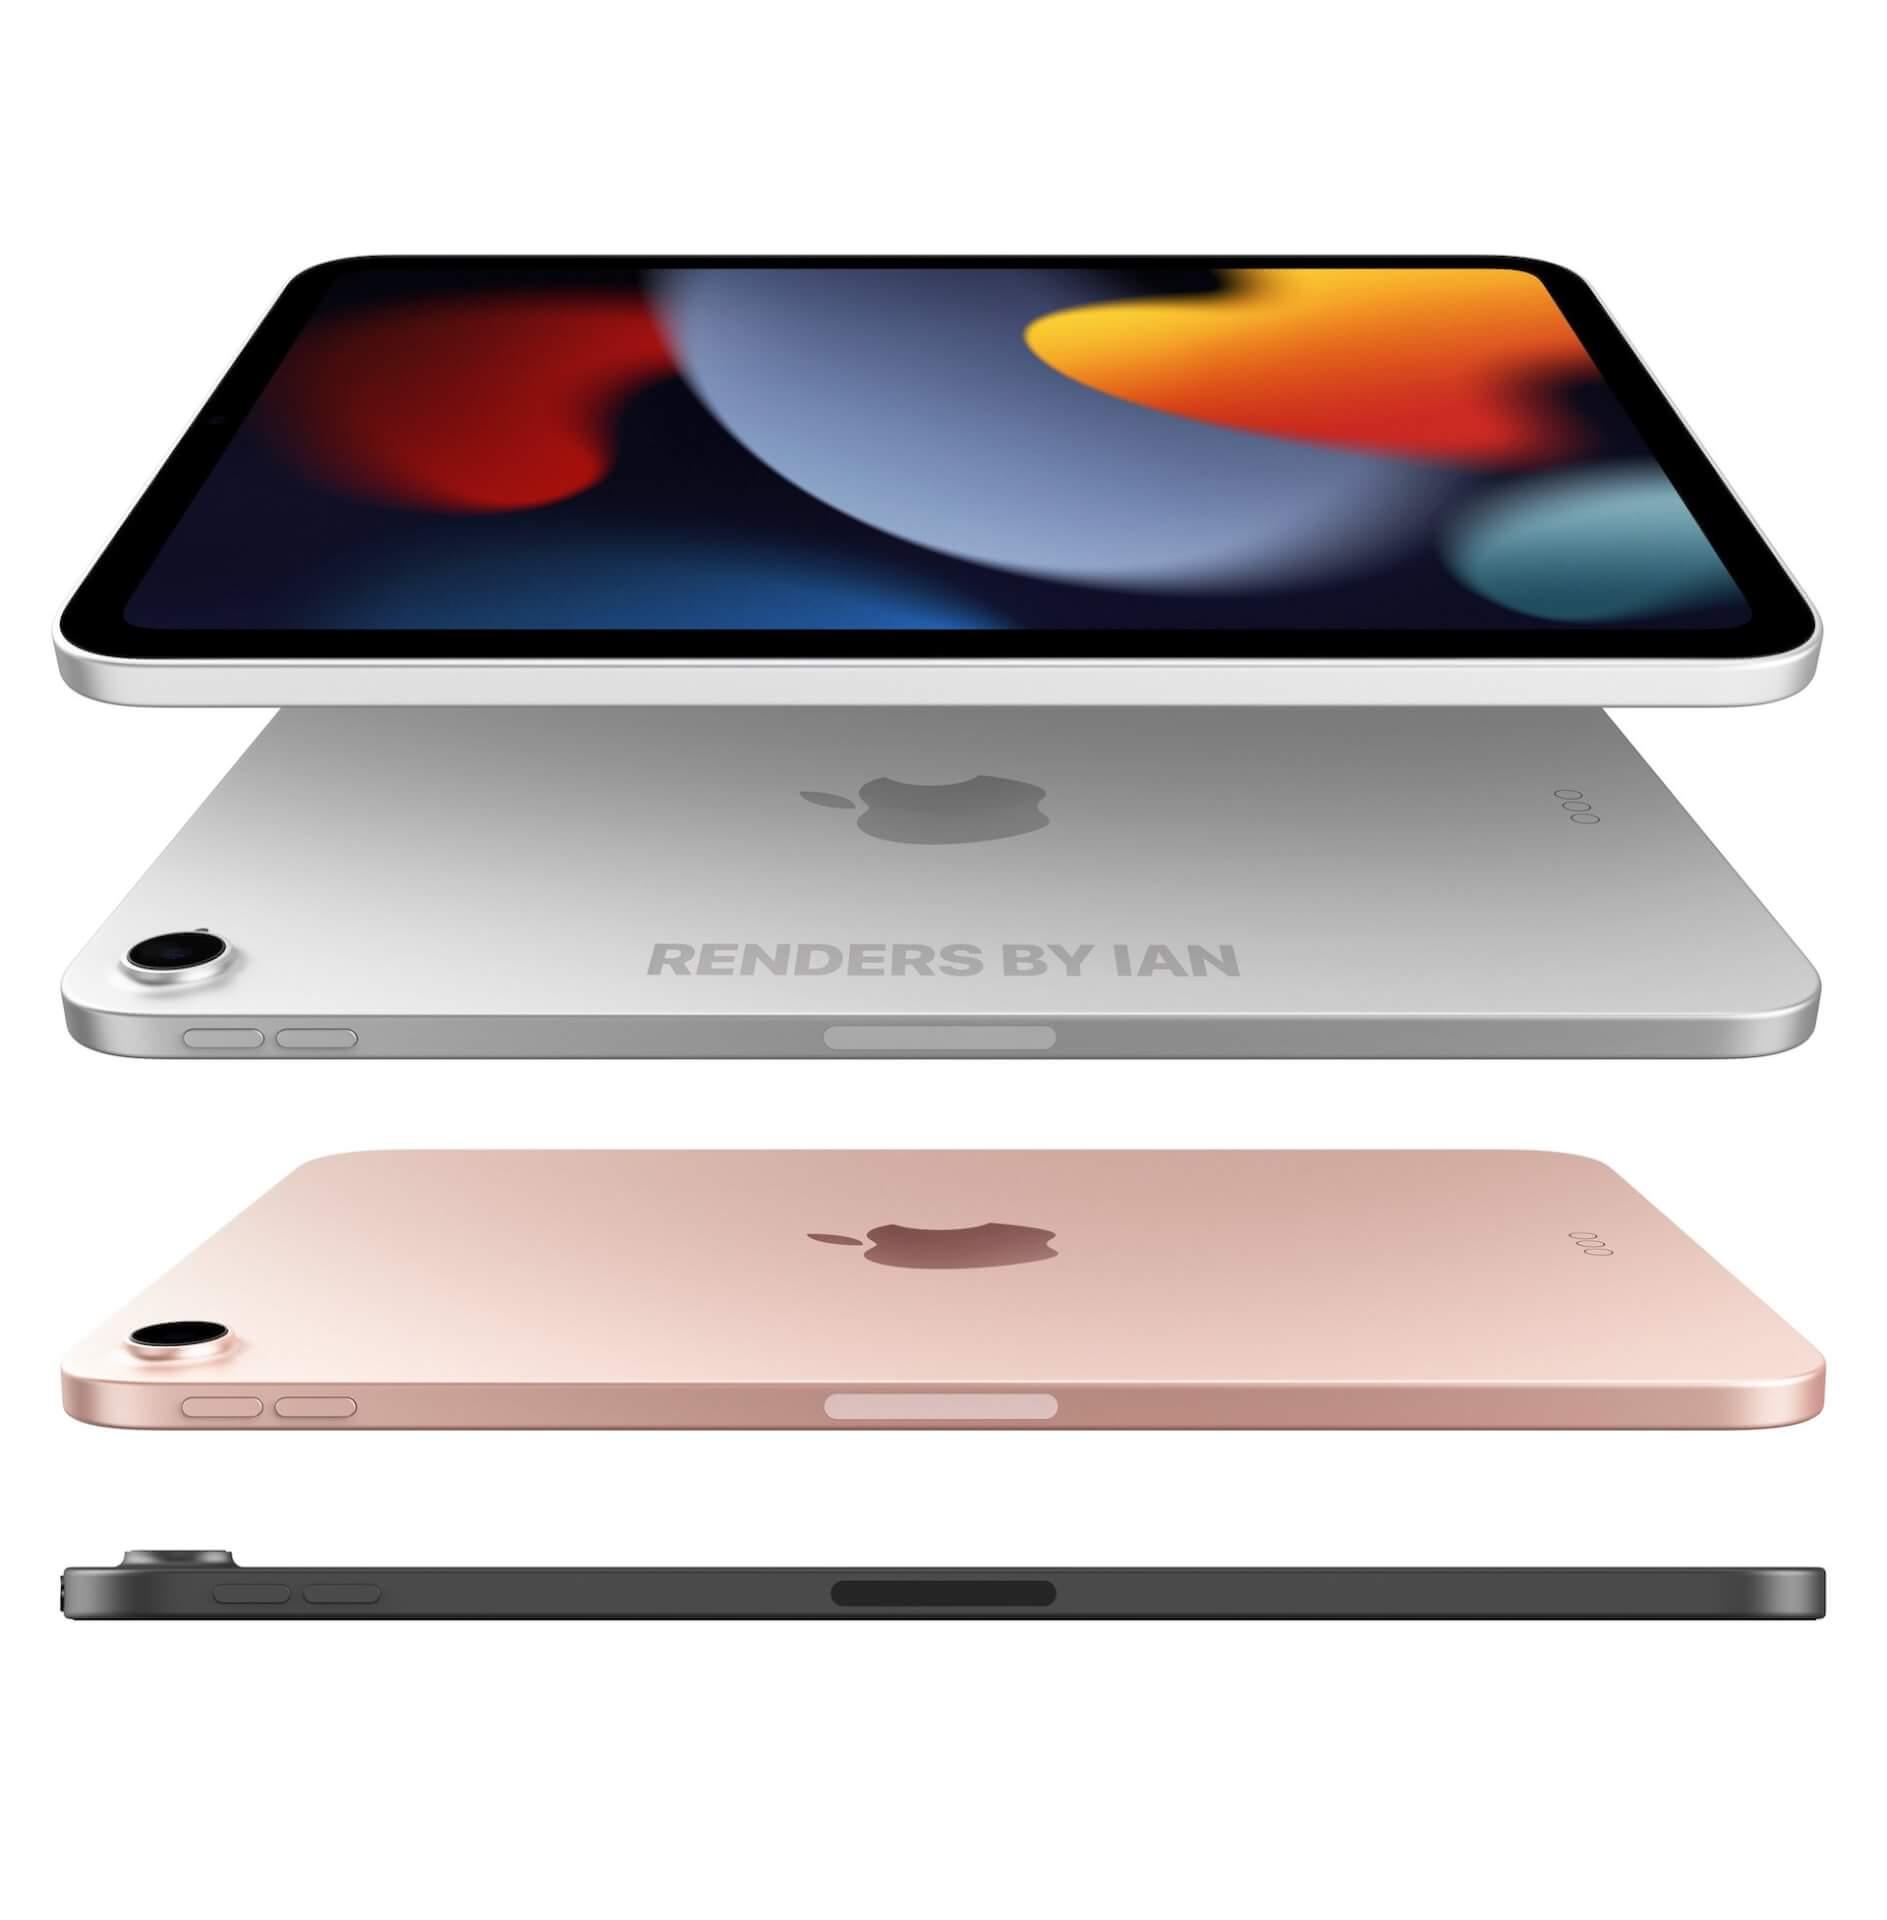 大幅にデザインを刷新した新型iPad miniが今秋発売?ホームボタンを廃止か tech210712_ipadmini_main